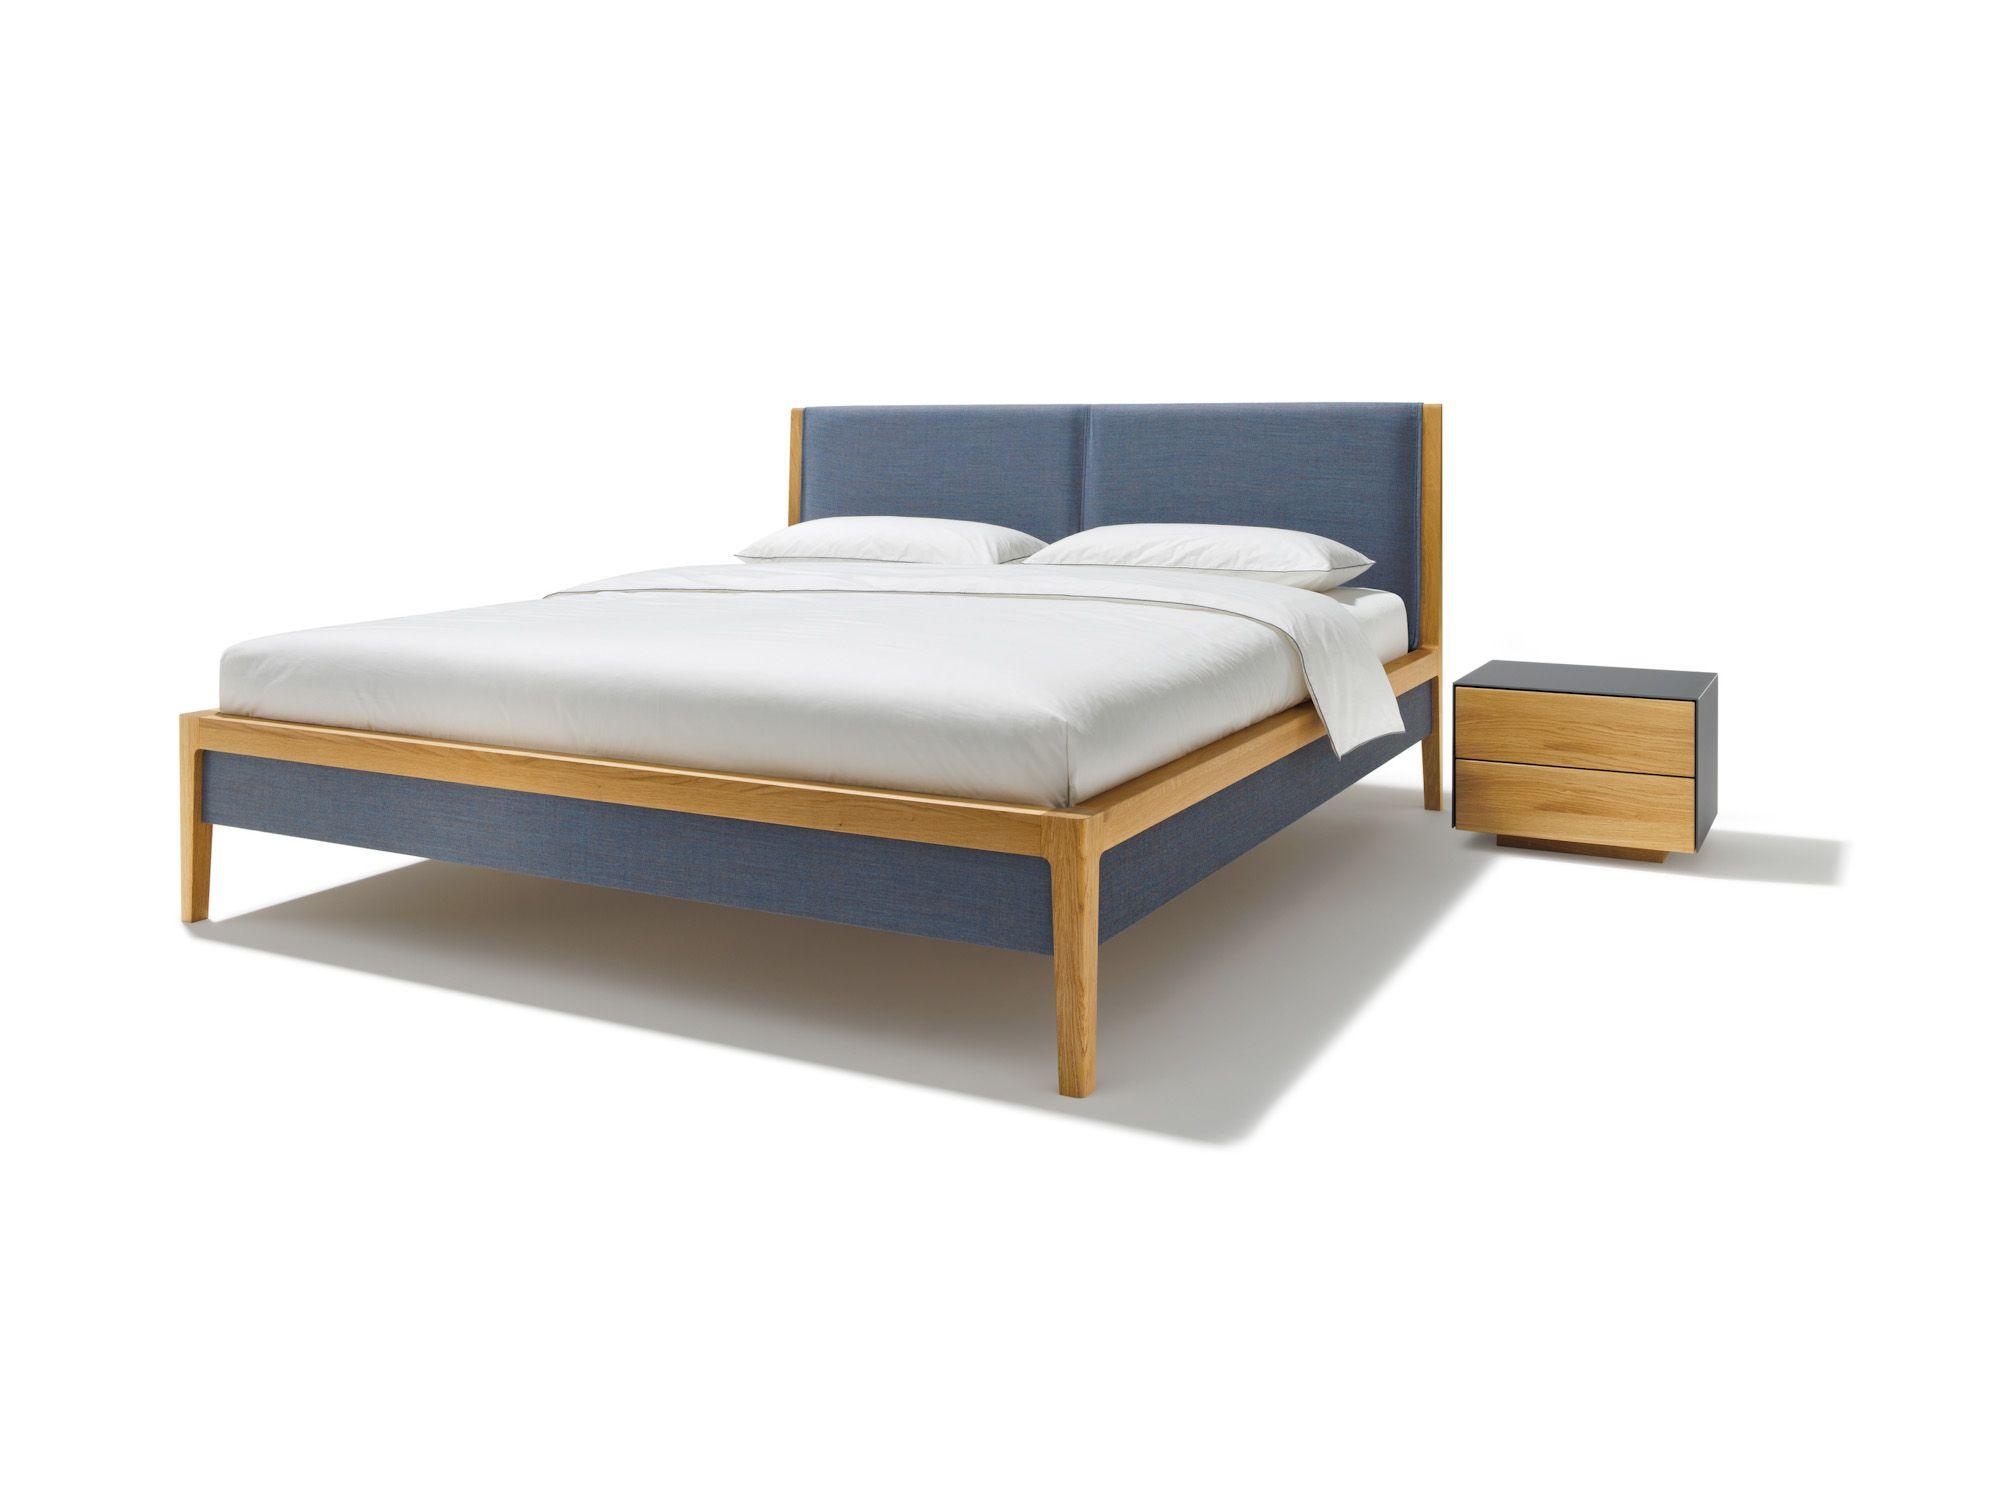 doppelbett holz und stoff kombiniert bei mobel morschett bett massivholz lattenrost doppelbett